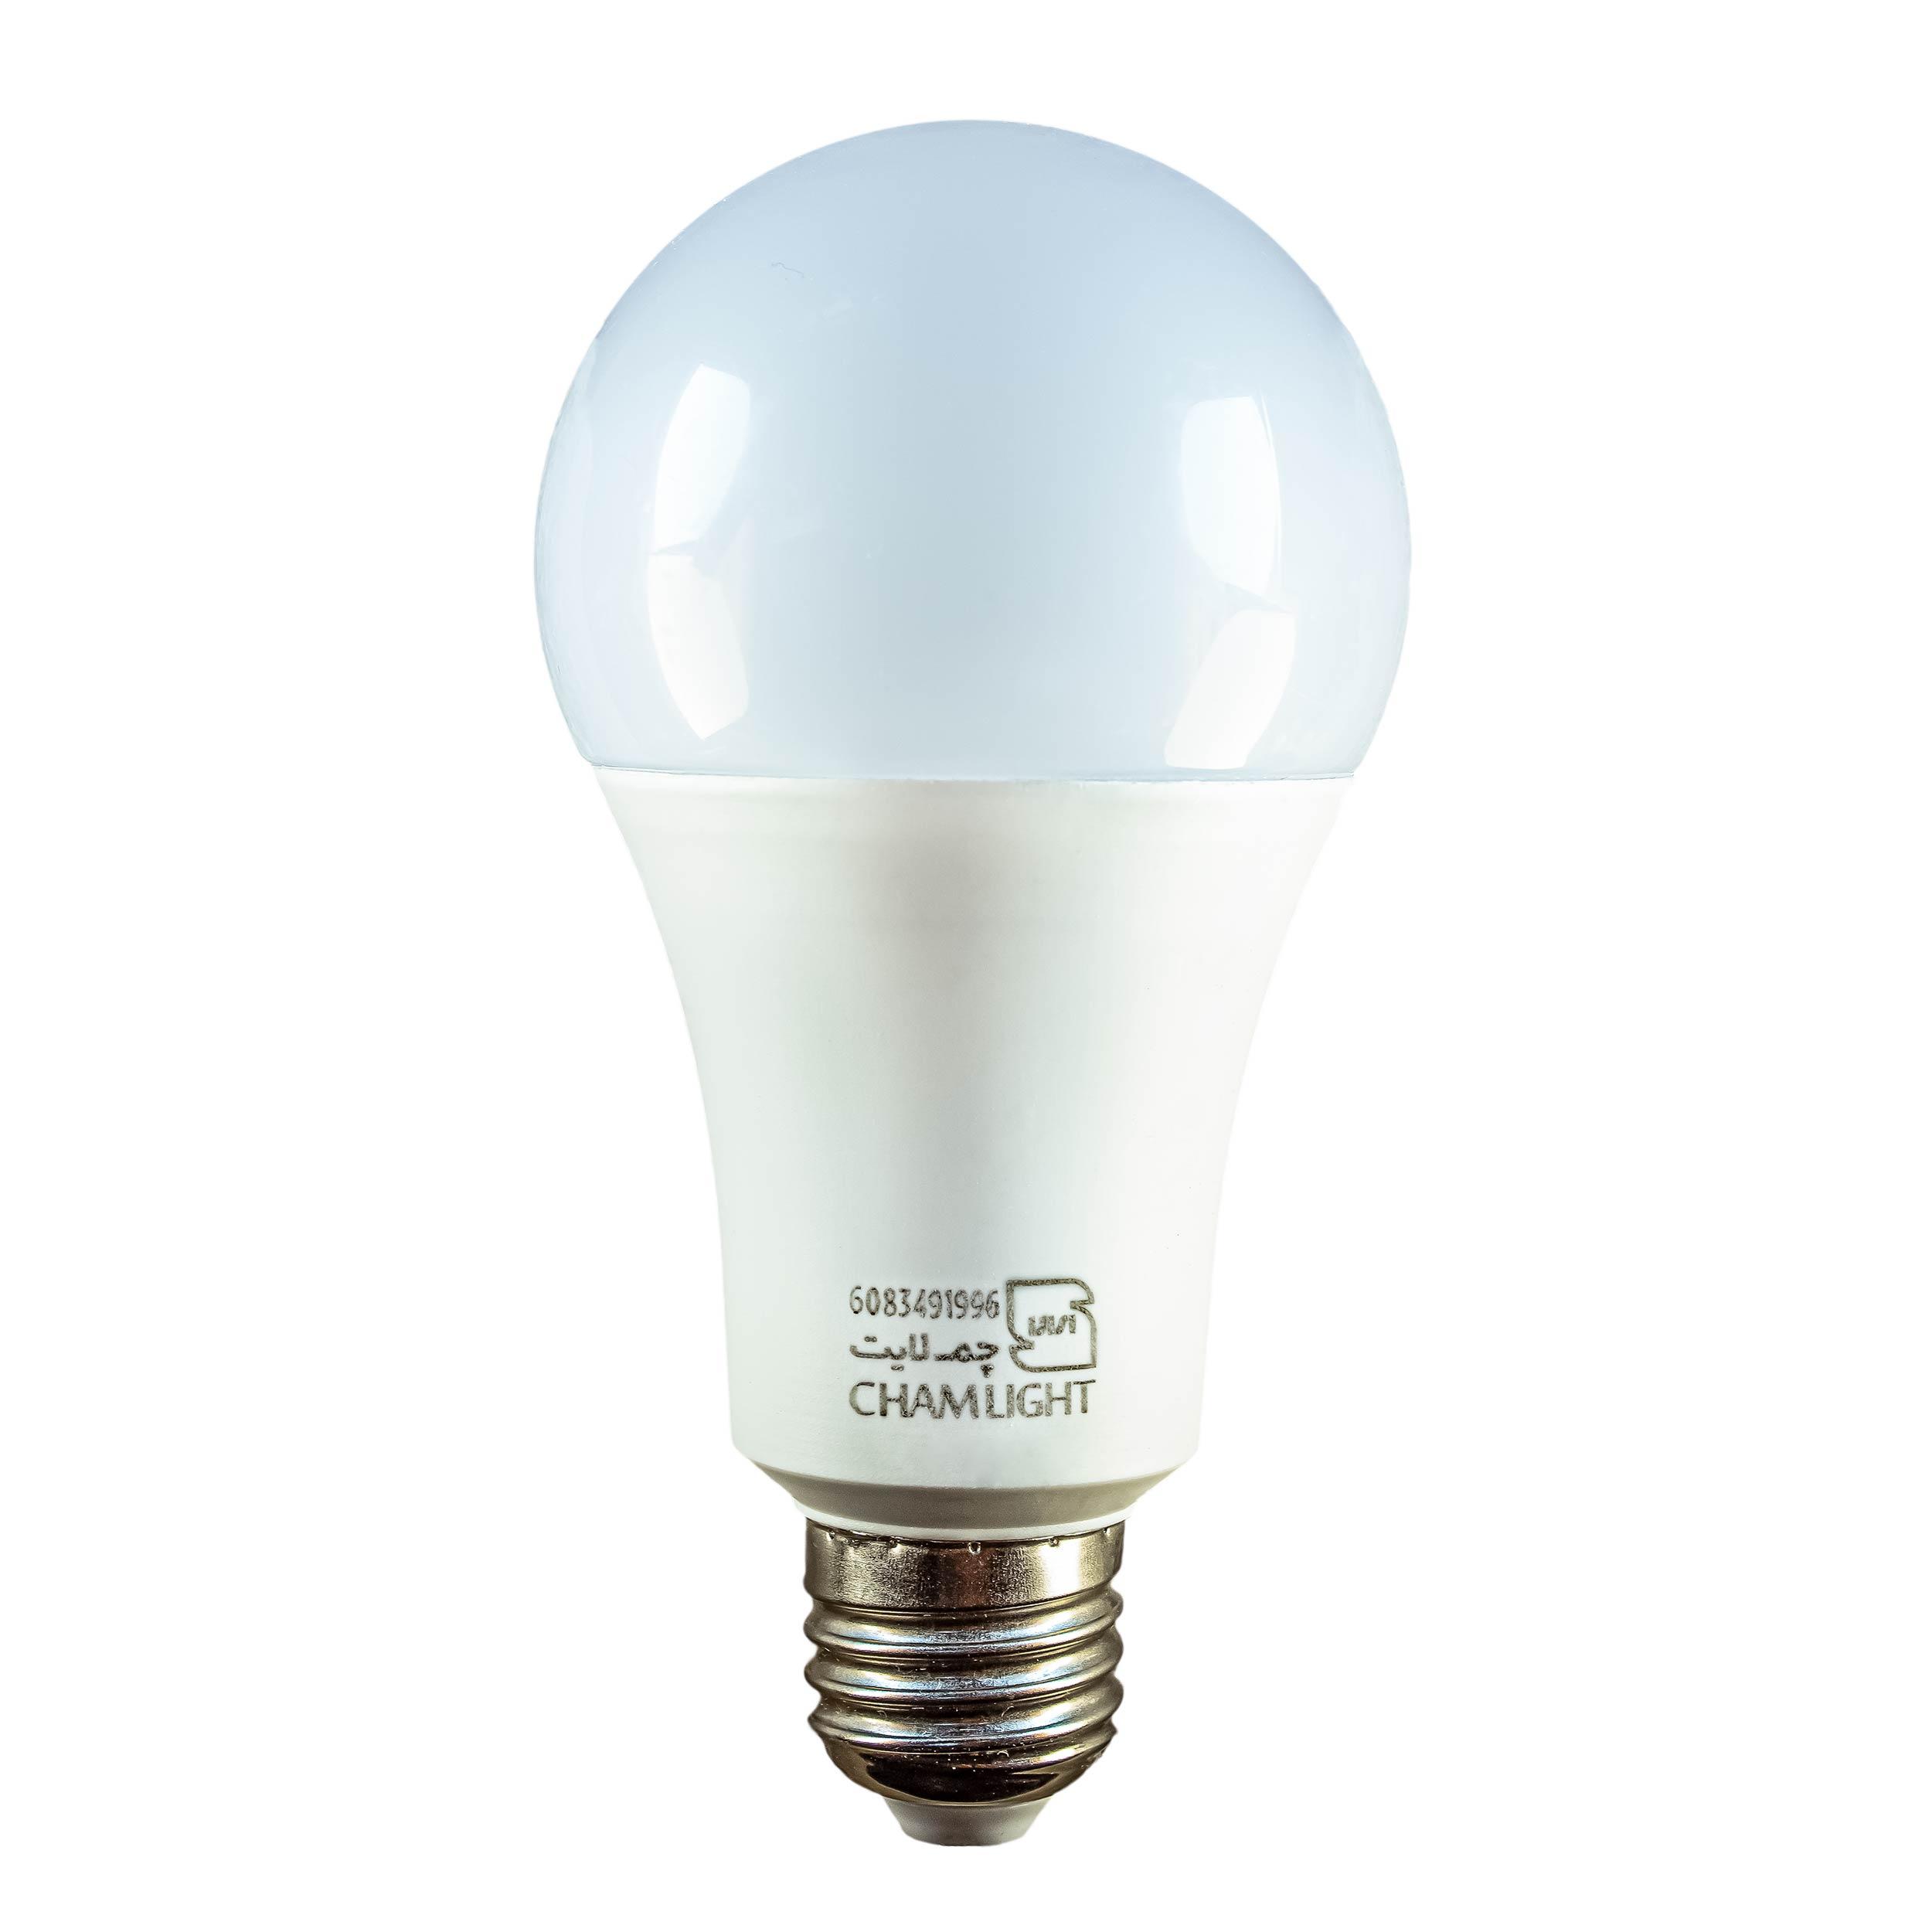 لامپ ال ای دی ۱۵ وات چم لایت مدل P9912 پایه E27